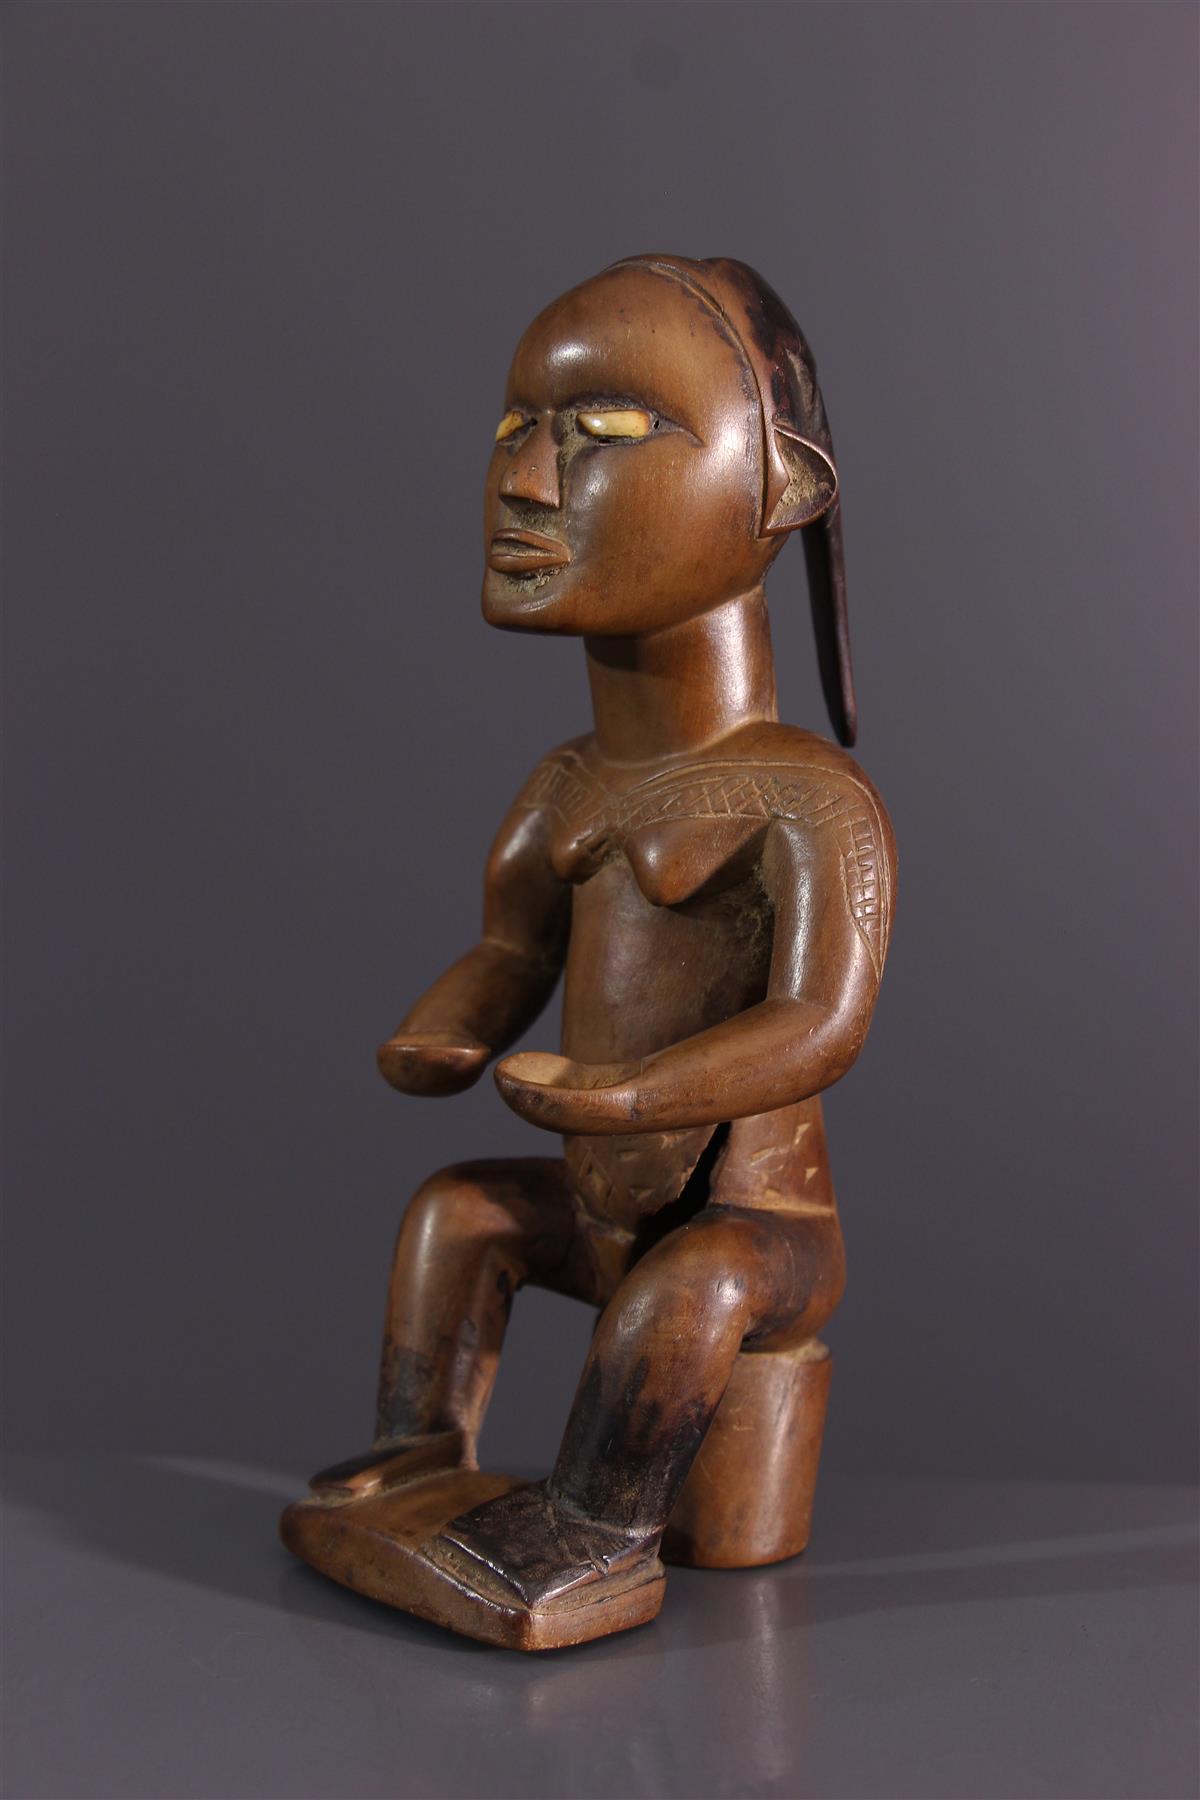 Statuette Bembé - African art